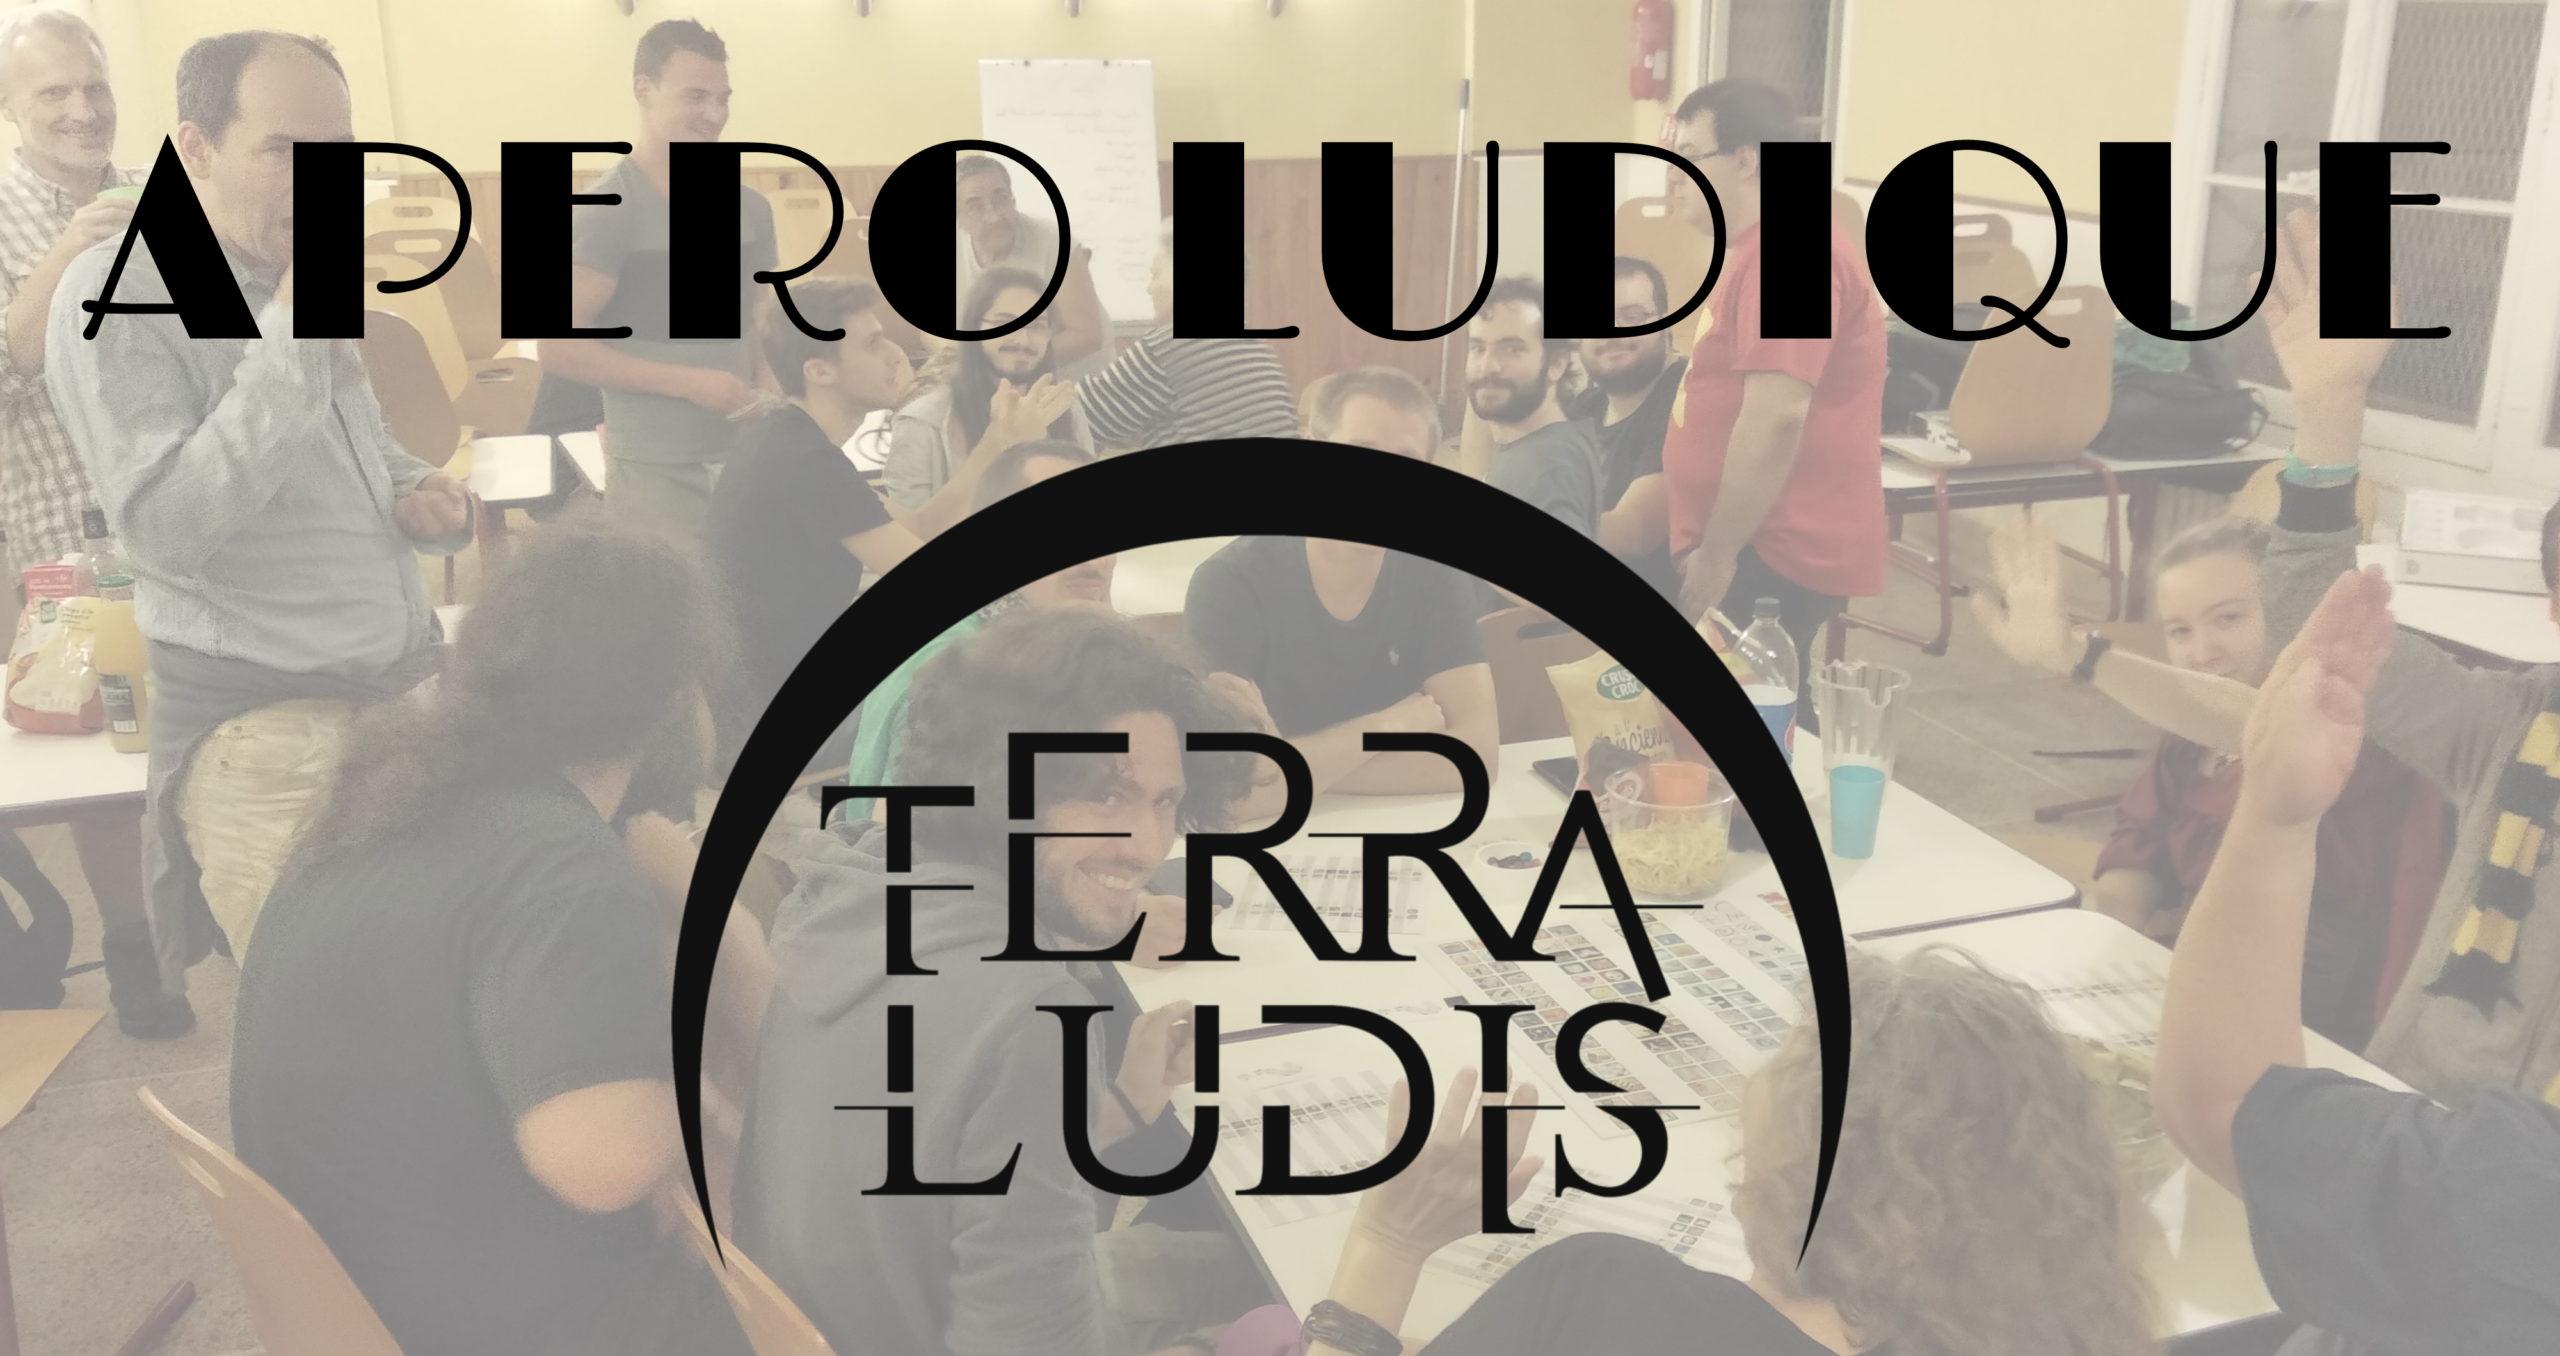 Apéro Ludique Terra Ludis + débriefing Nuit du Jeu le 11 novembre !